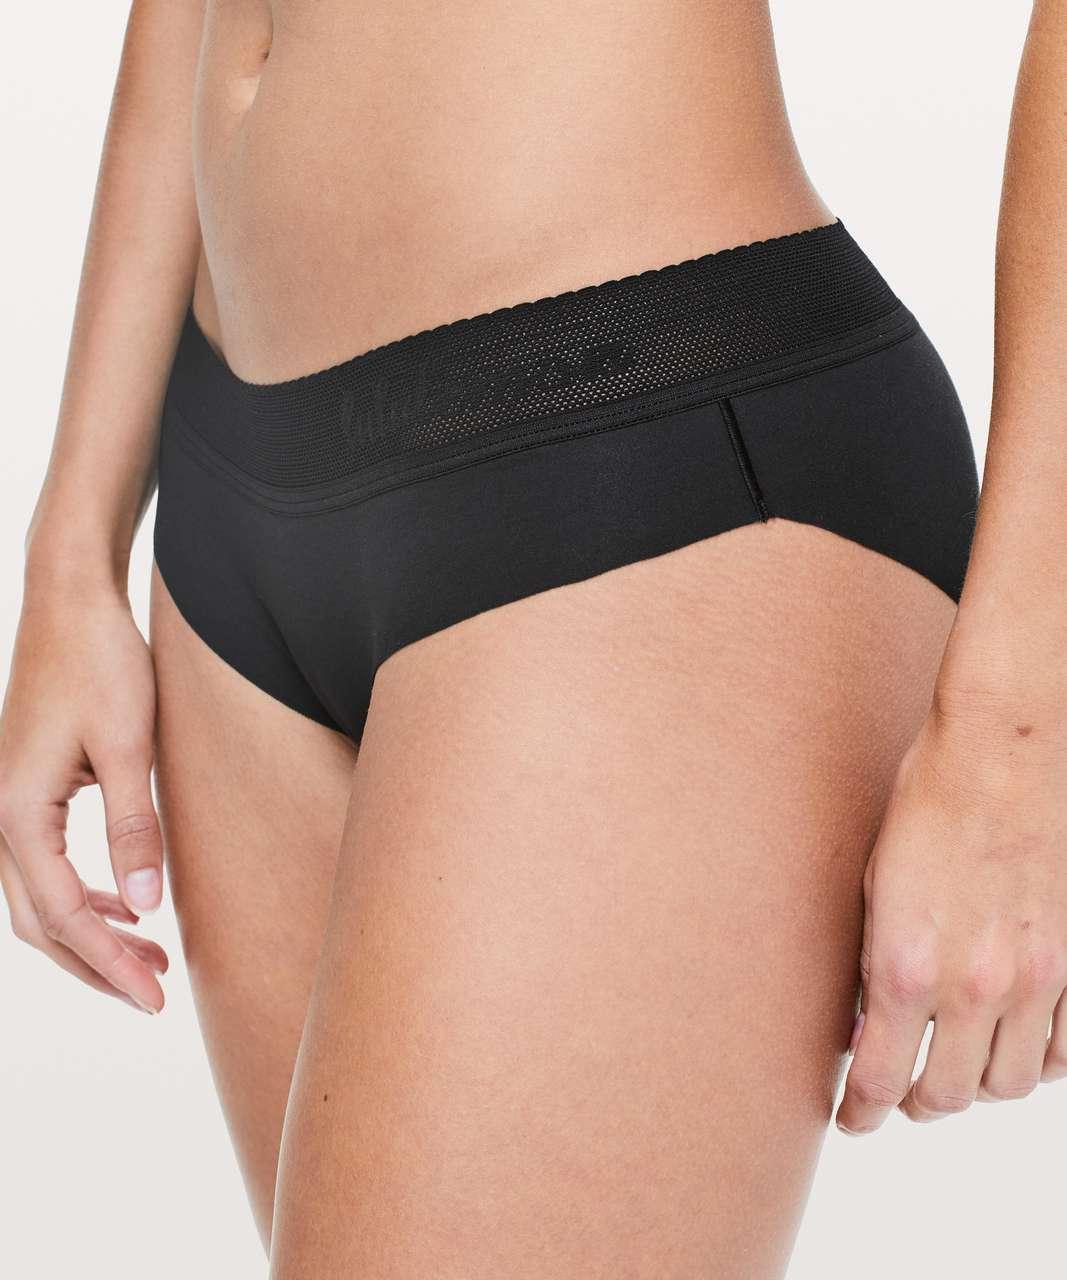 Lululemon Ever Essentials Bikini - Black